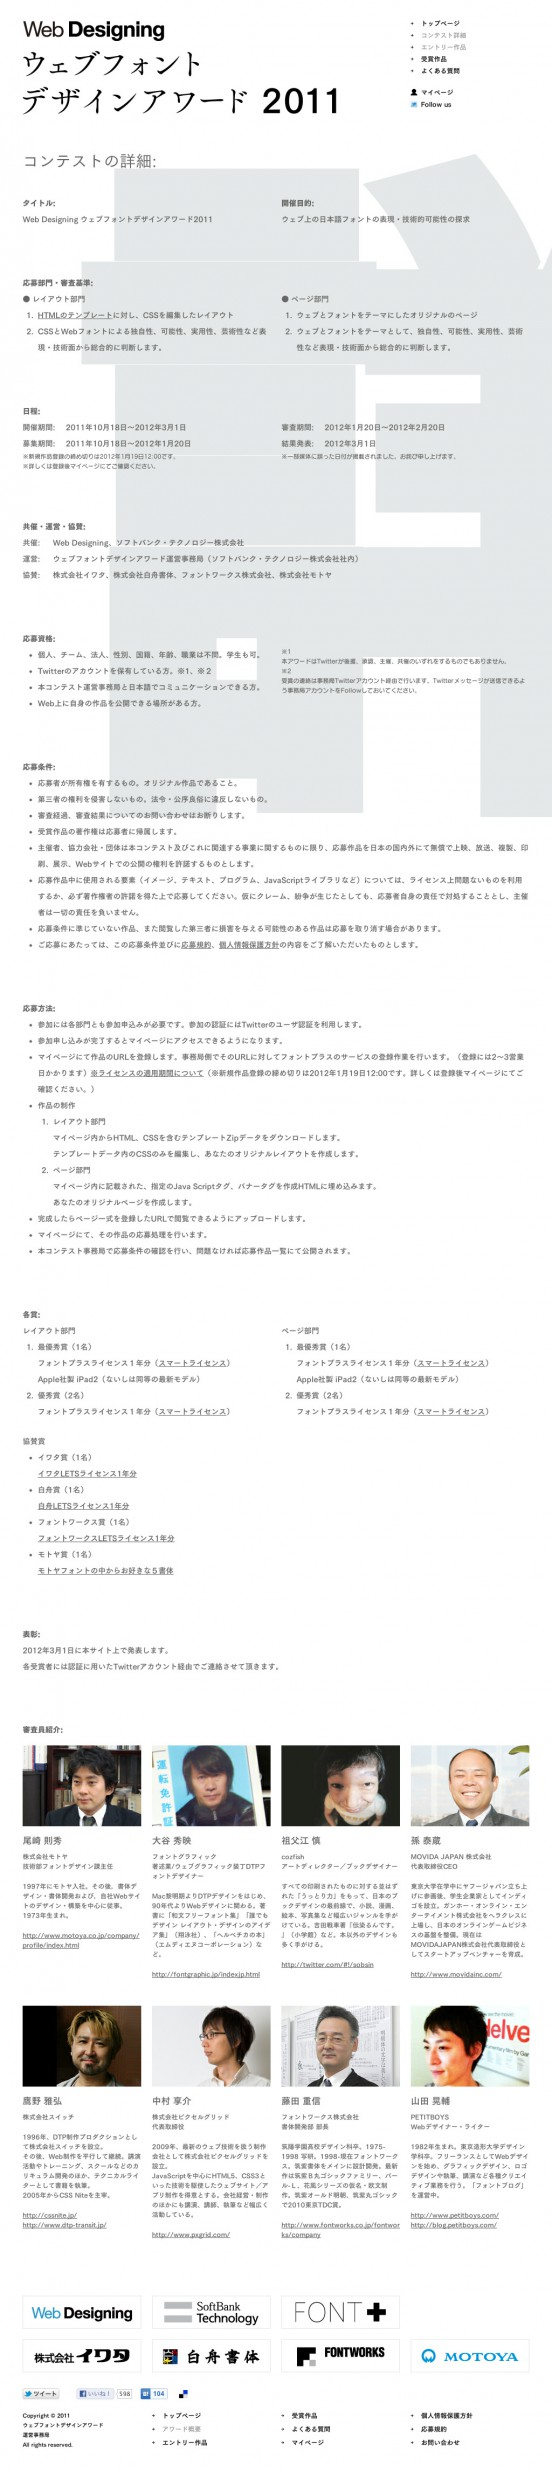 Web Designing ウェブフォントデザインアワード2011_1